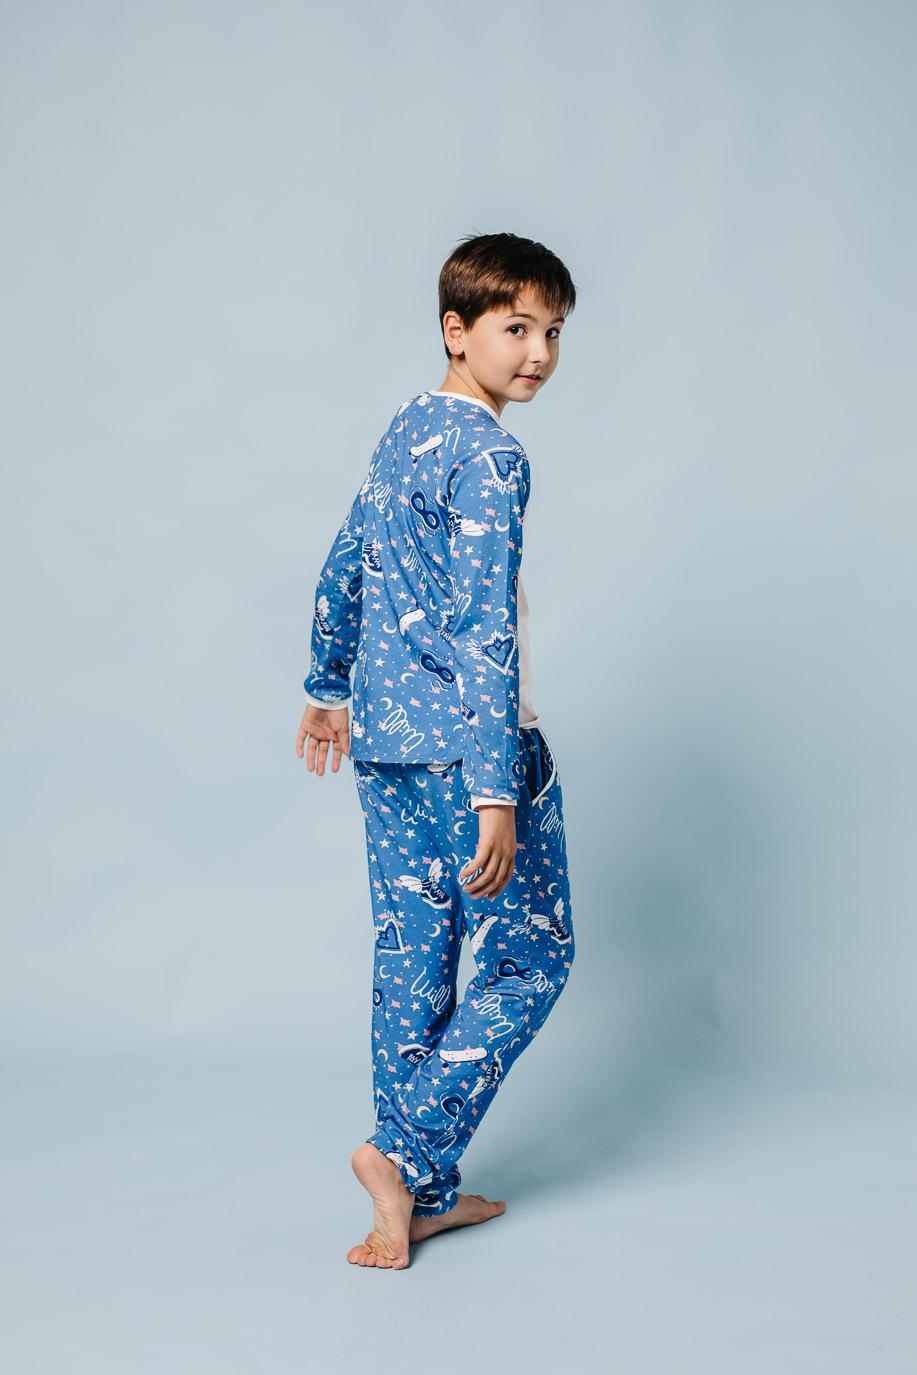 pijama suenya estels 0063 web Estels